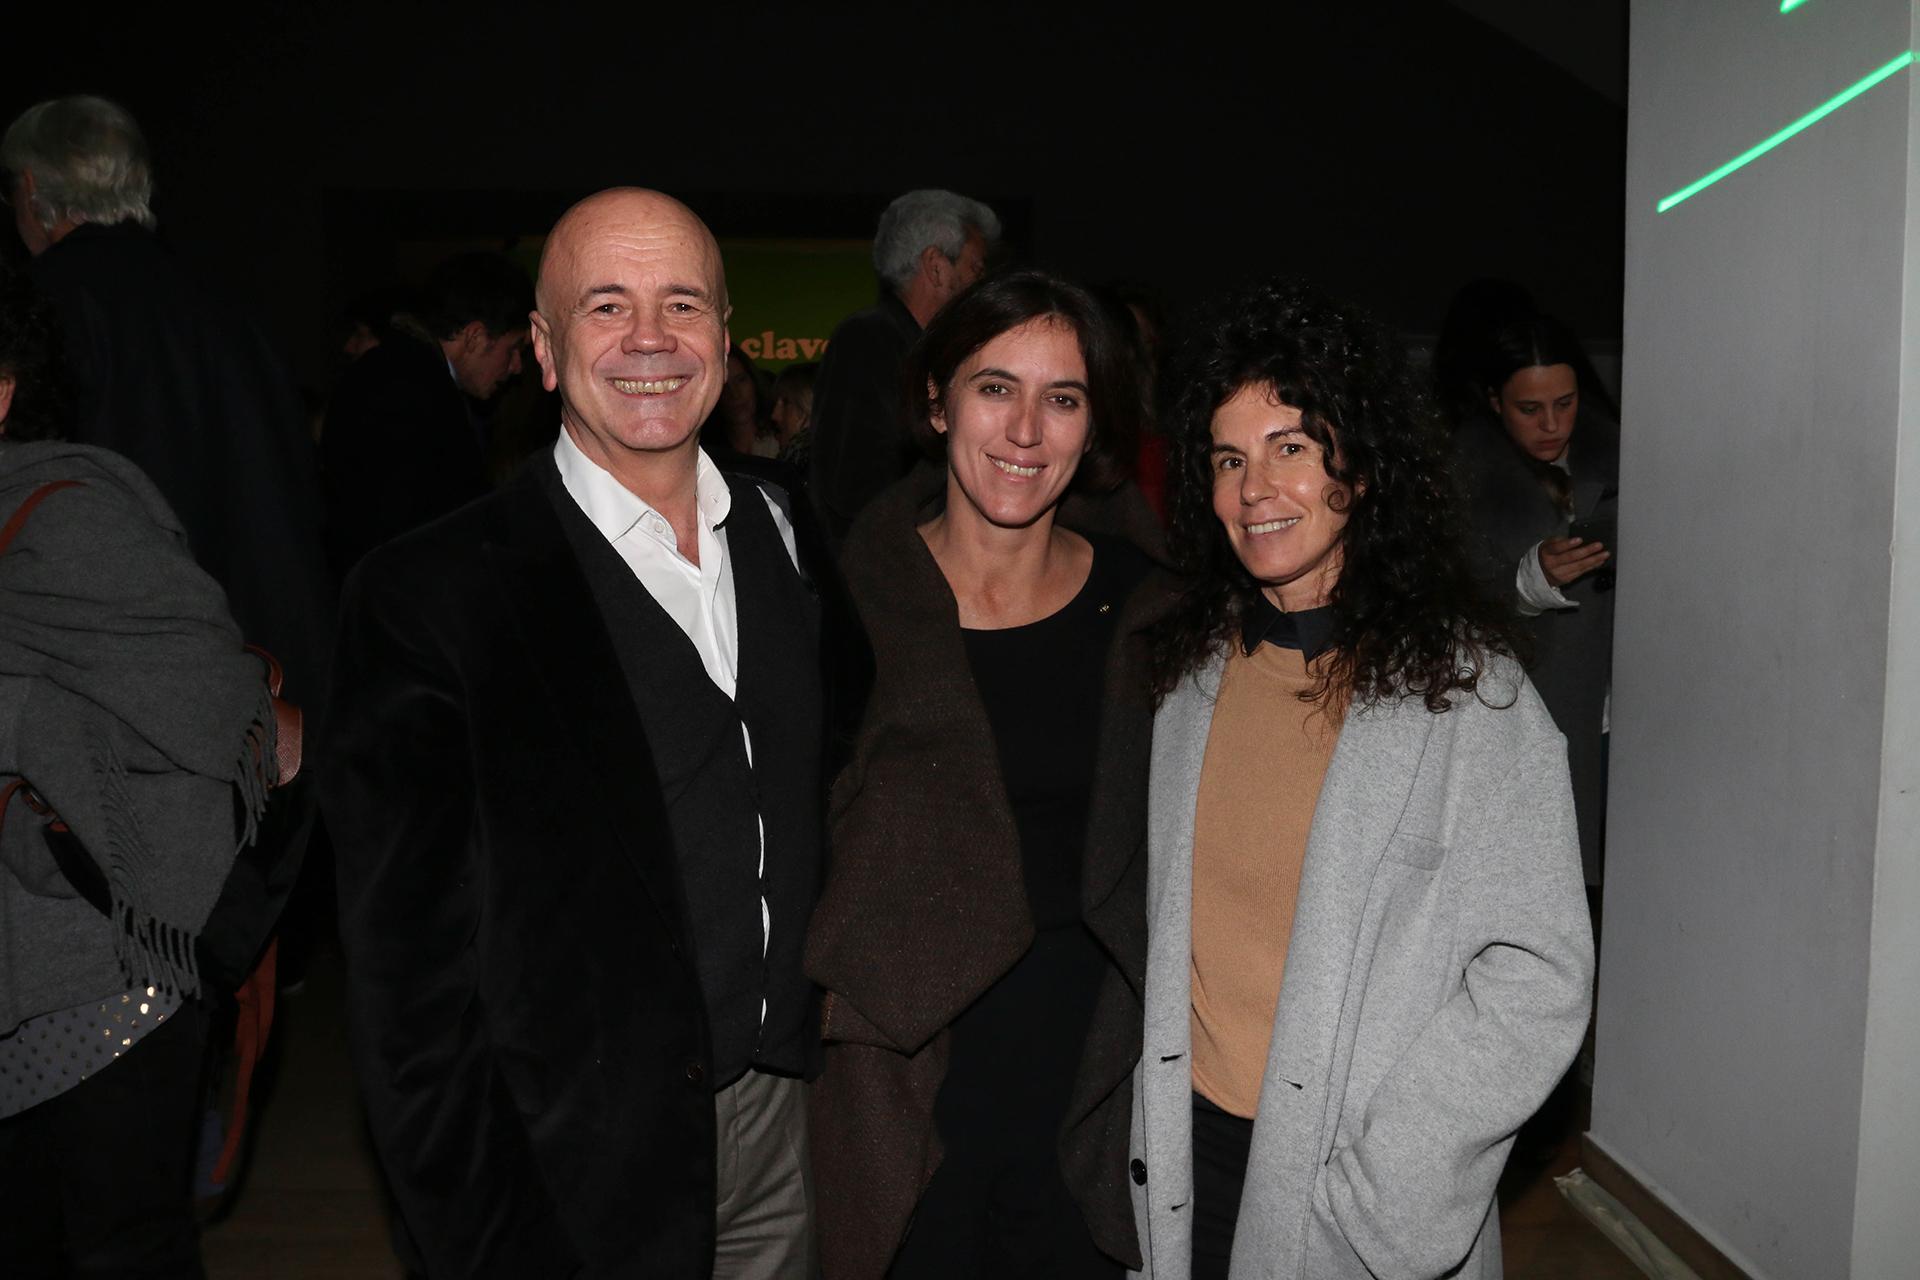 Jorge Telerman, Victoria Noorthoorn, directora del Museo de Arte Moderno de Buenos Aires, y Cynthia Cohen